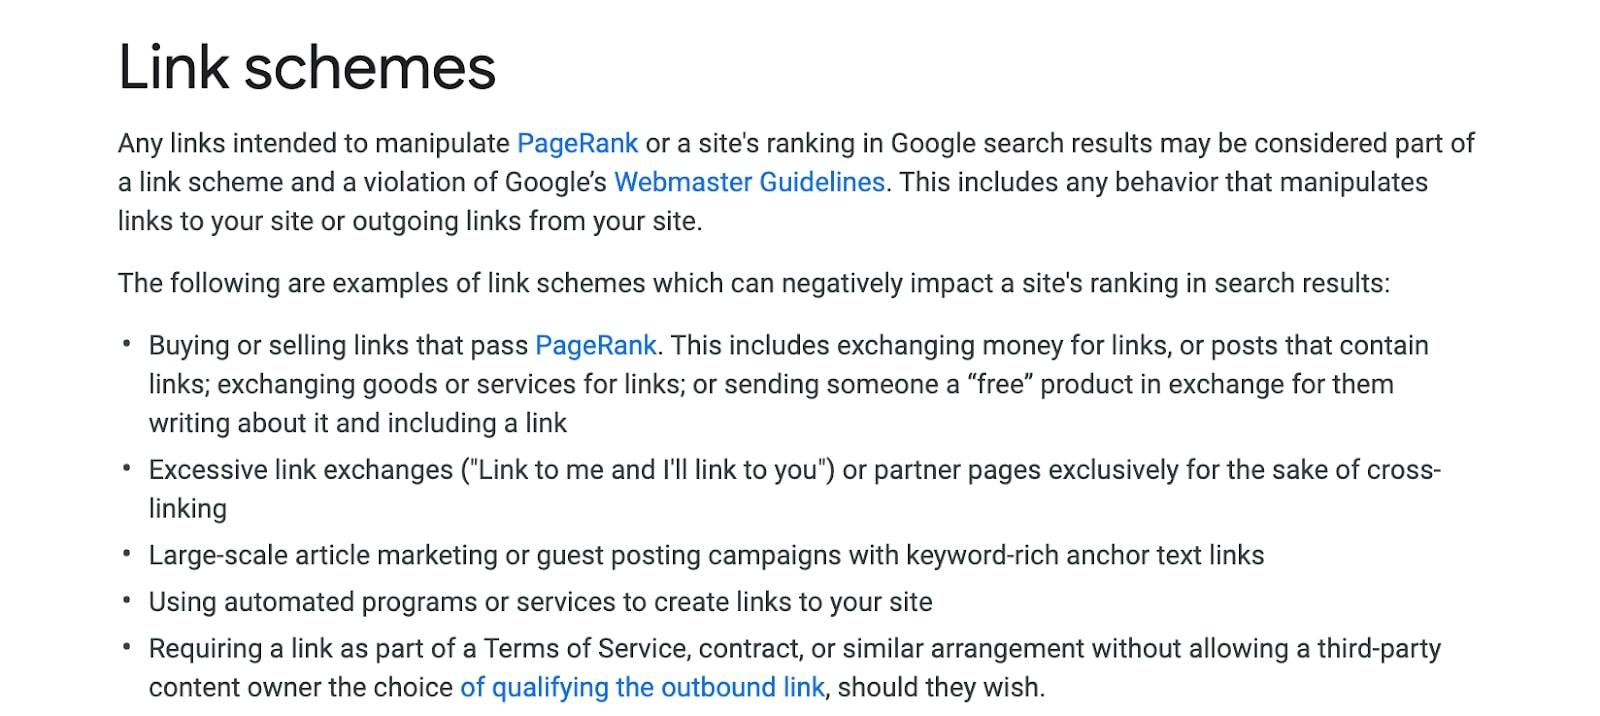 Google's link schemes